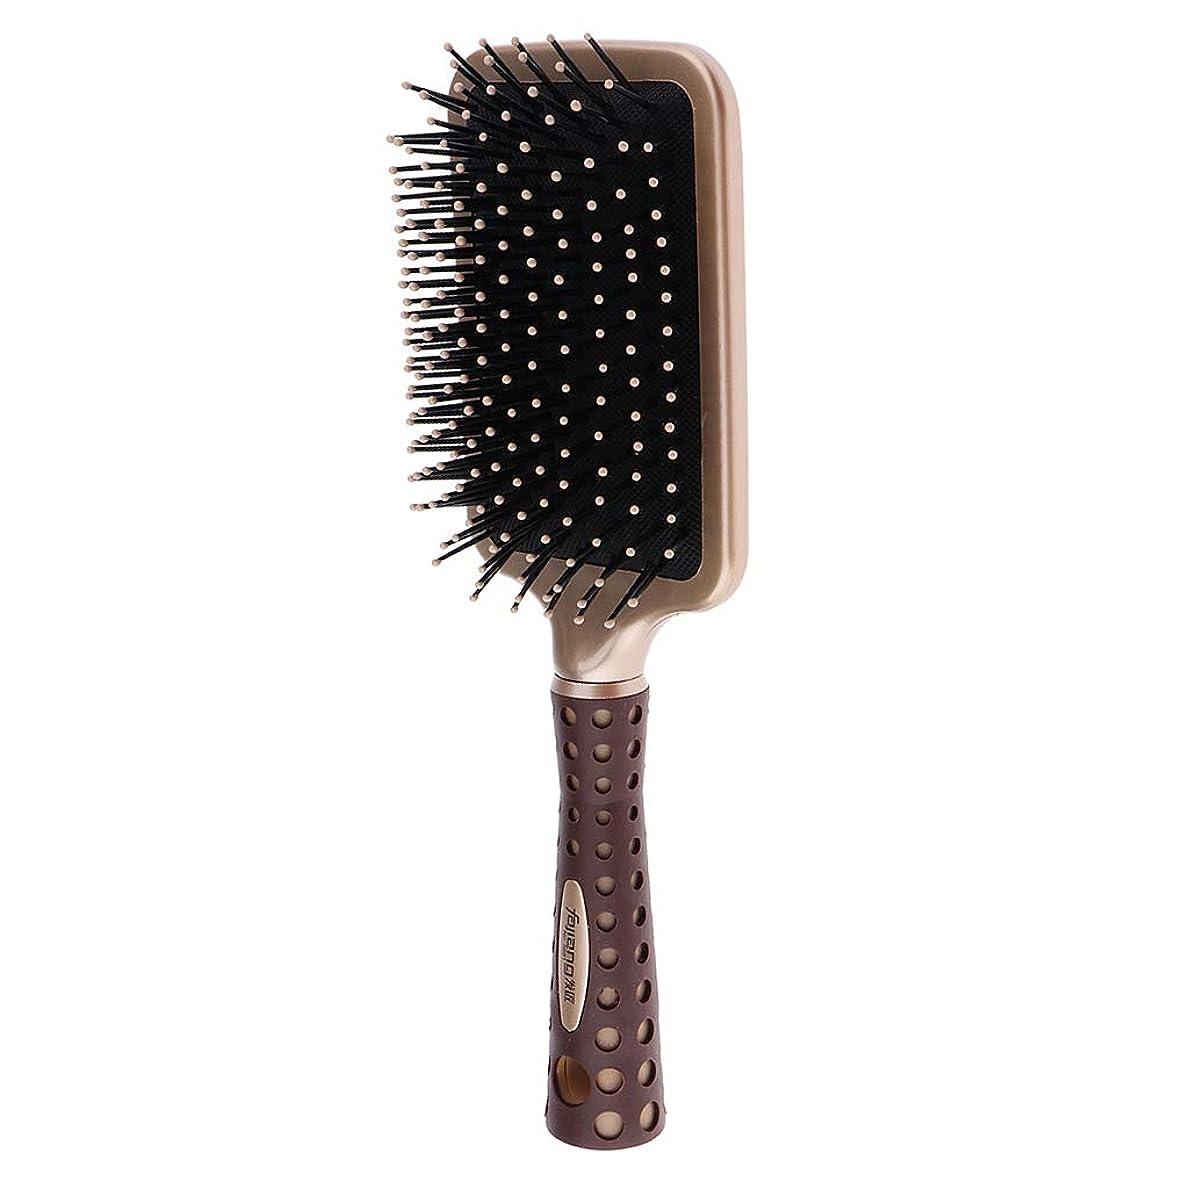 忠実に発表するアメリカP Prettyia 静電防止櫛 クッションヘアブラシ 頭皮マッサージ コーム 2サイズ選べ - L